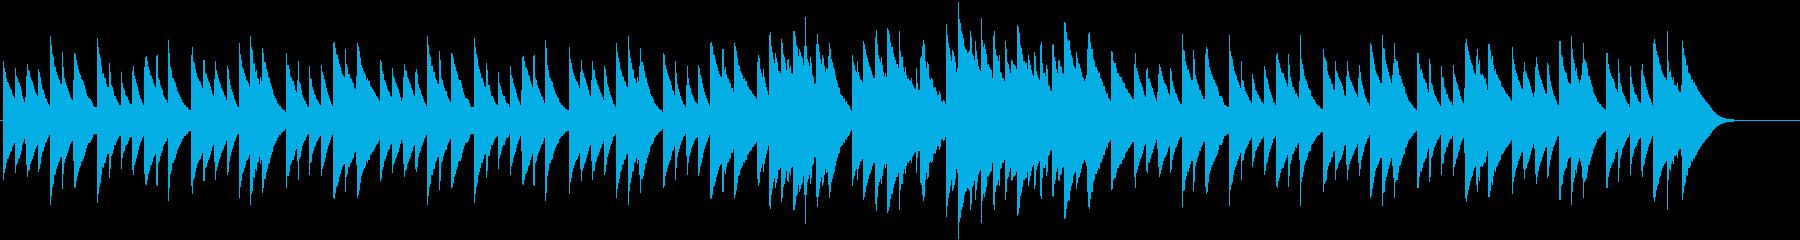 オルゴールのスローバラード。(ジングル…の再生済みの波形